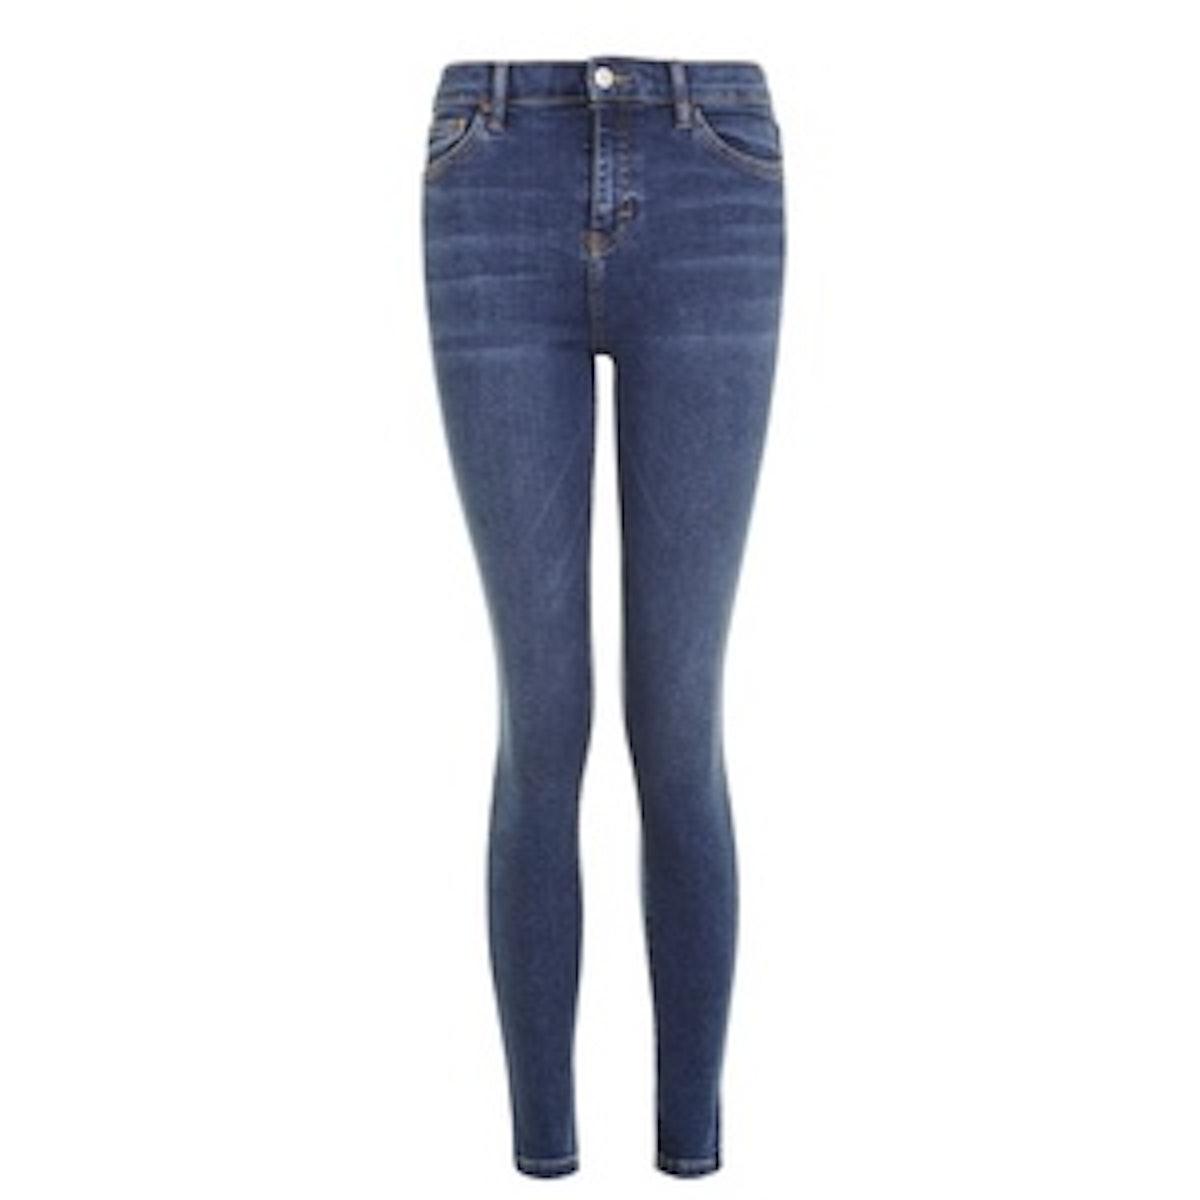 MOTO Rich Indigo Jamie Jeans